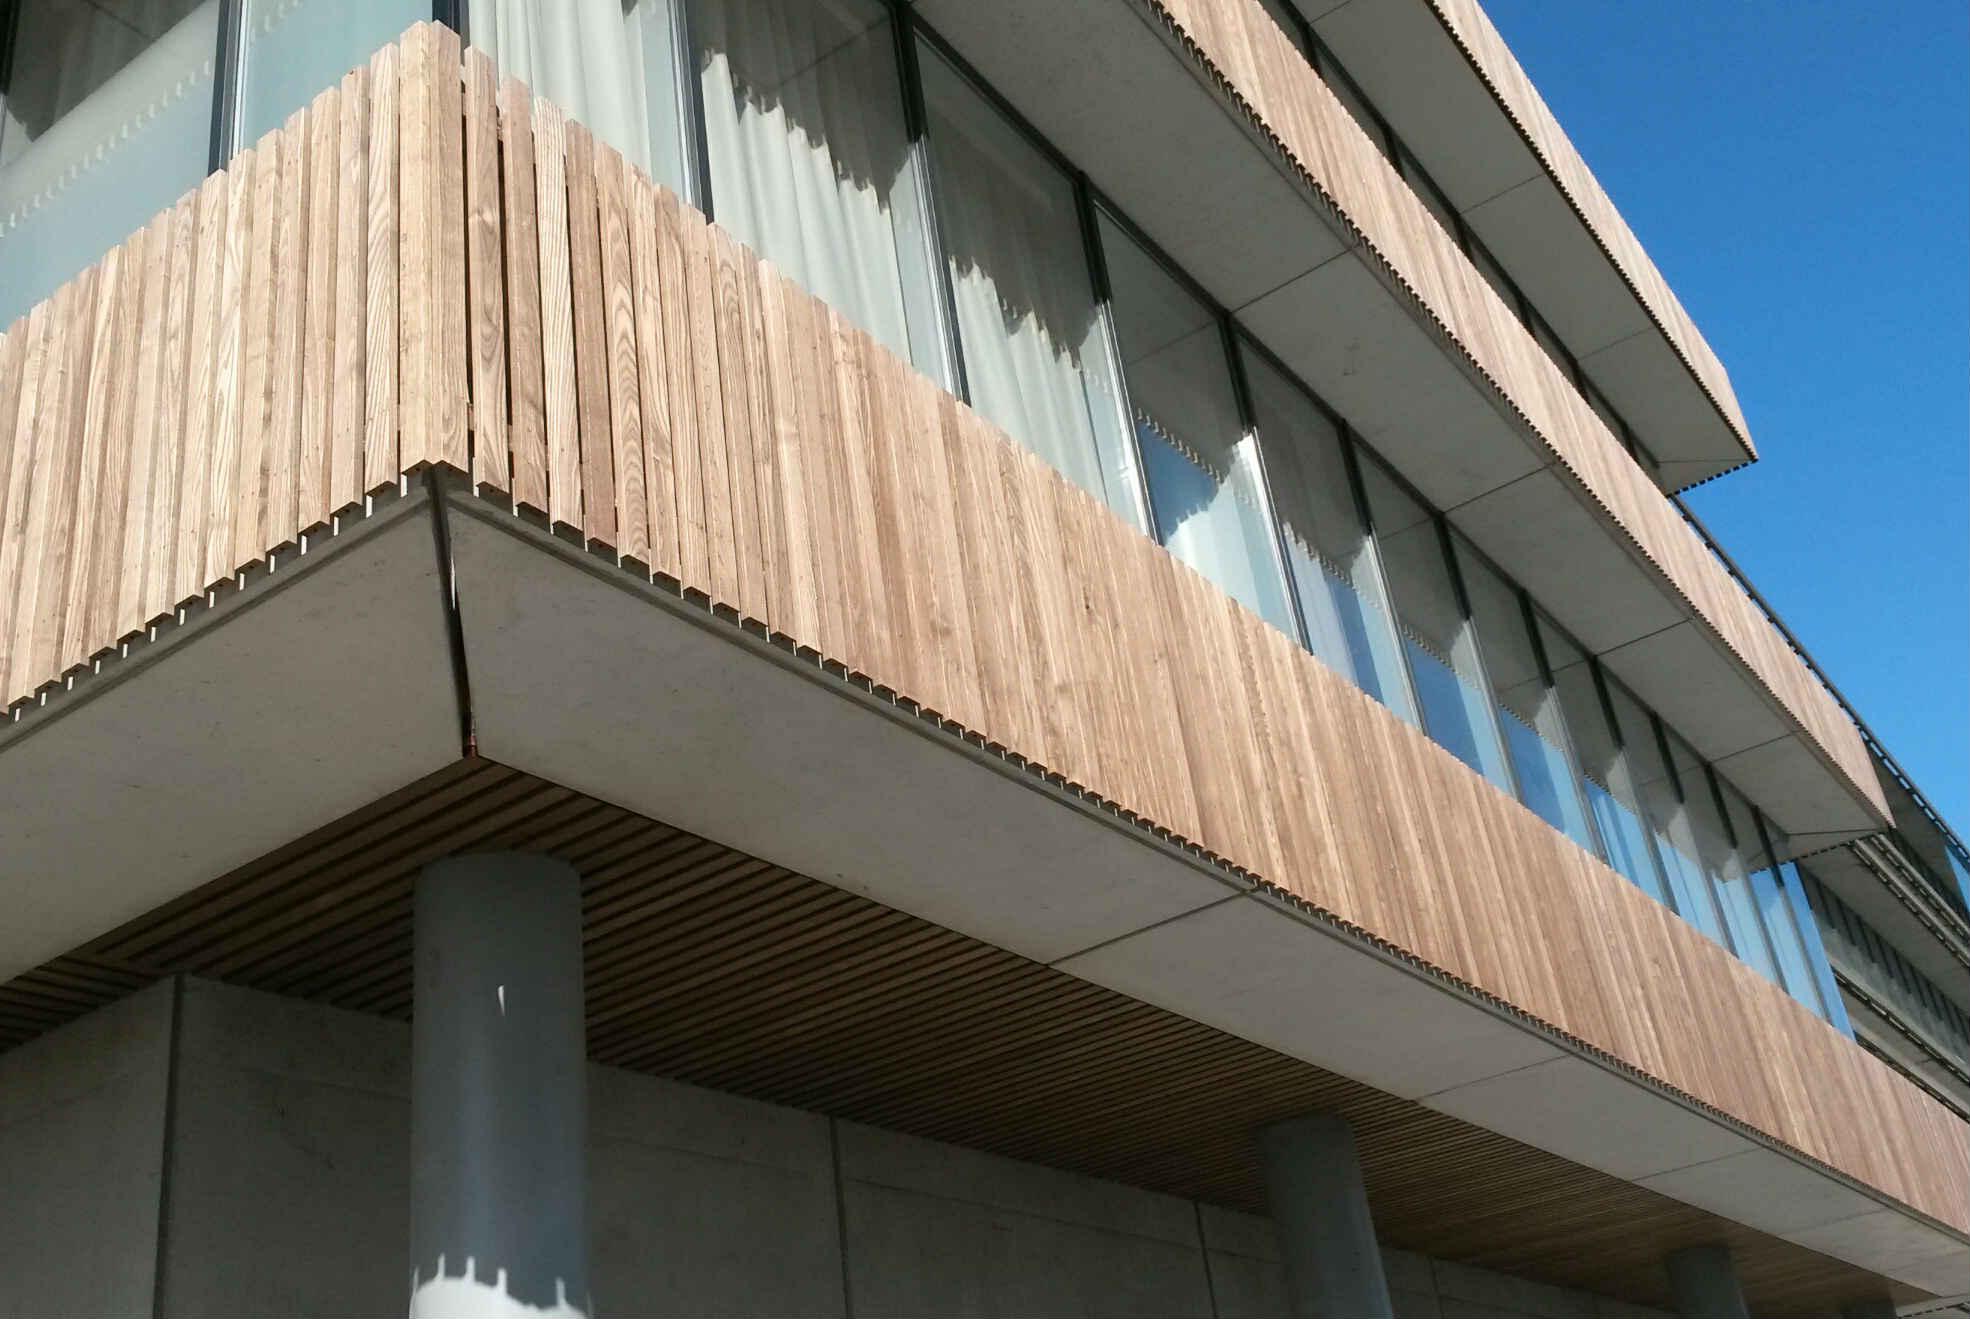 plaatsen van gevelbekleding in houten lamellen thermo essen